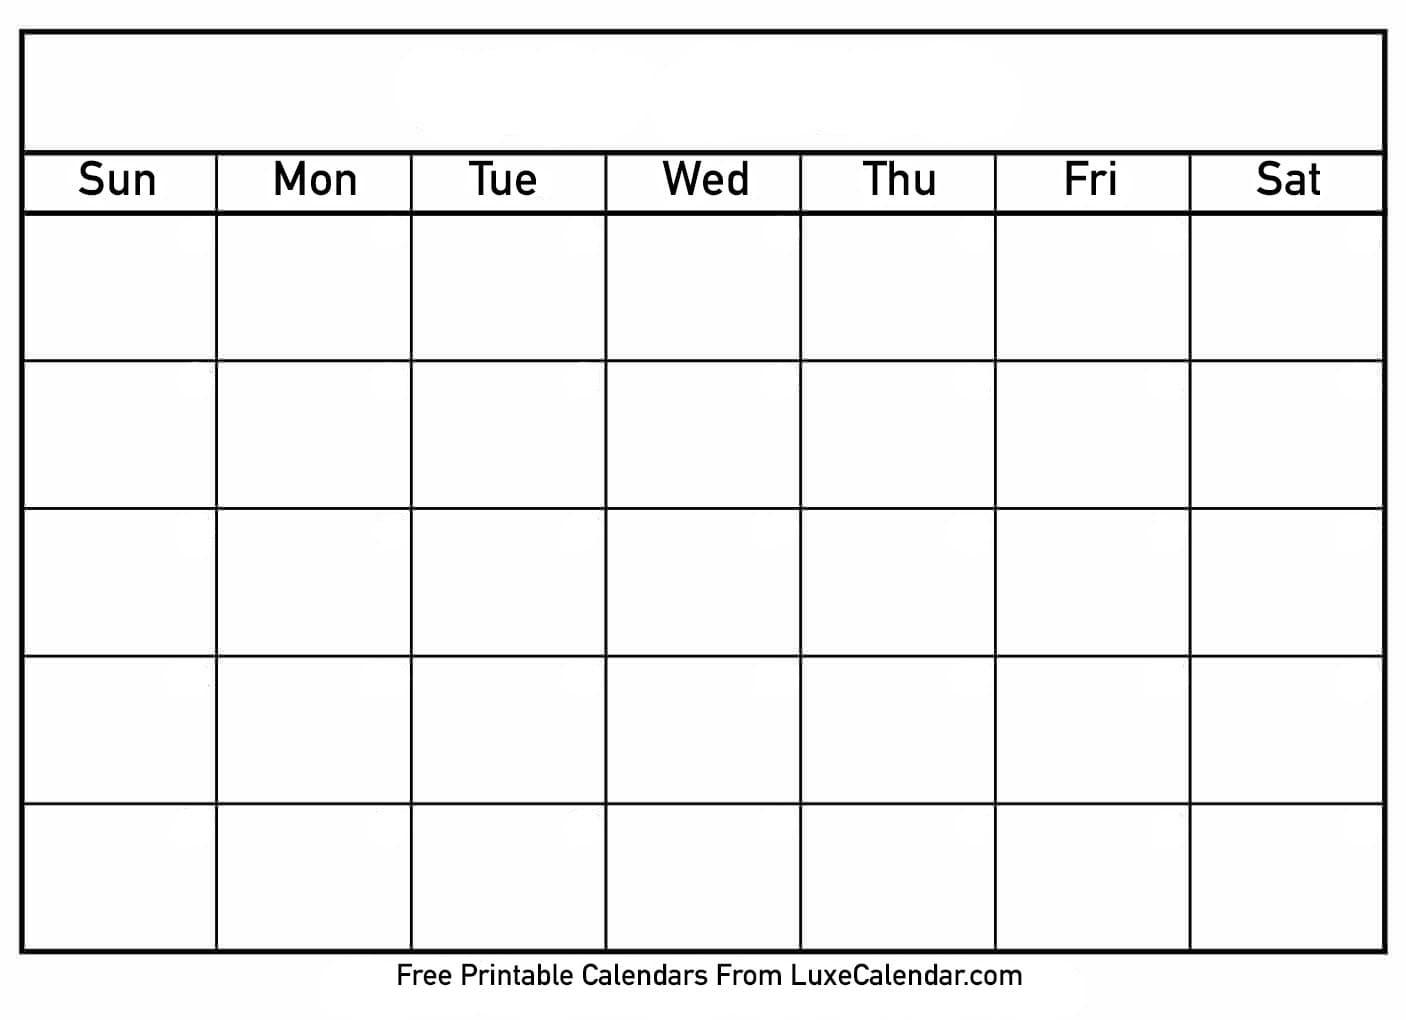 Blank Printable Calendar - Luxe Calendar-Free Calendar Template Printable 201